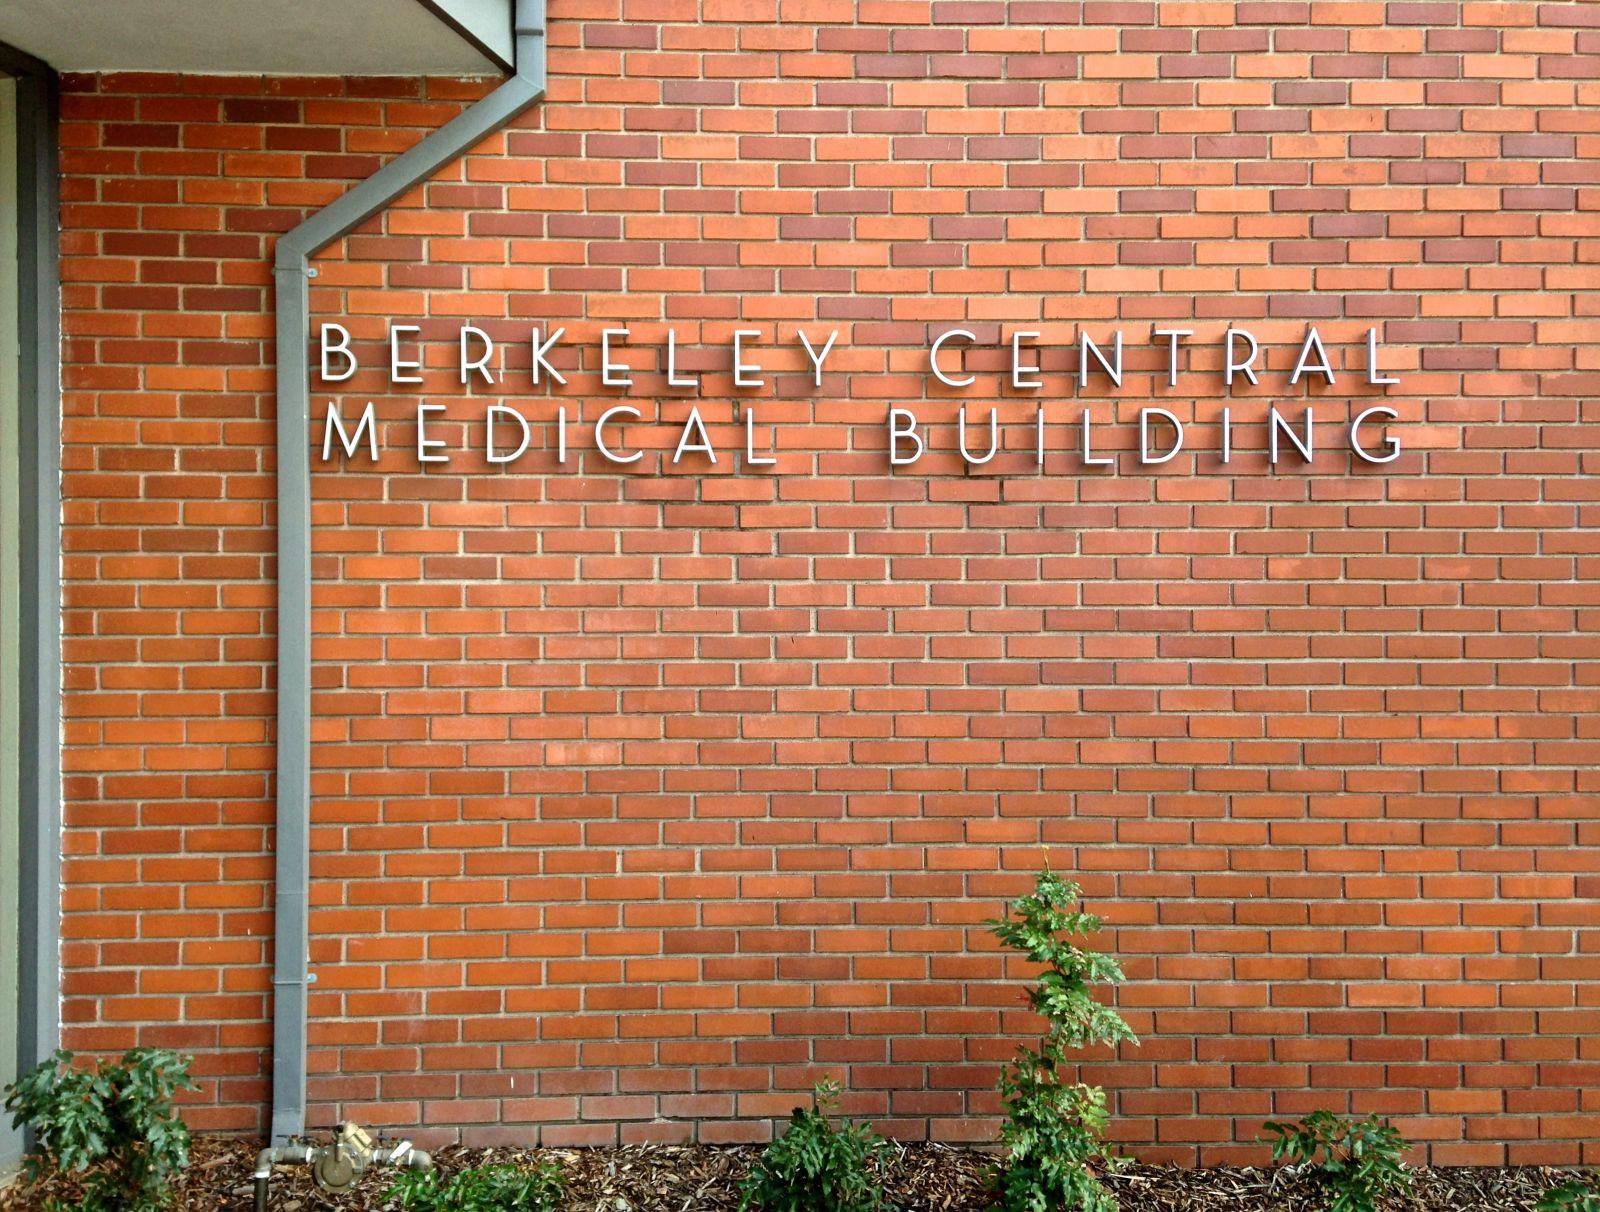 Berkeley Central Medical Building sign